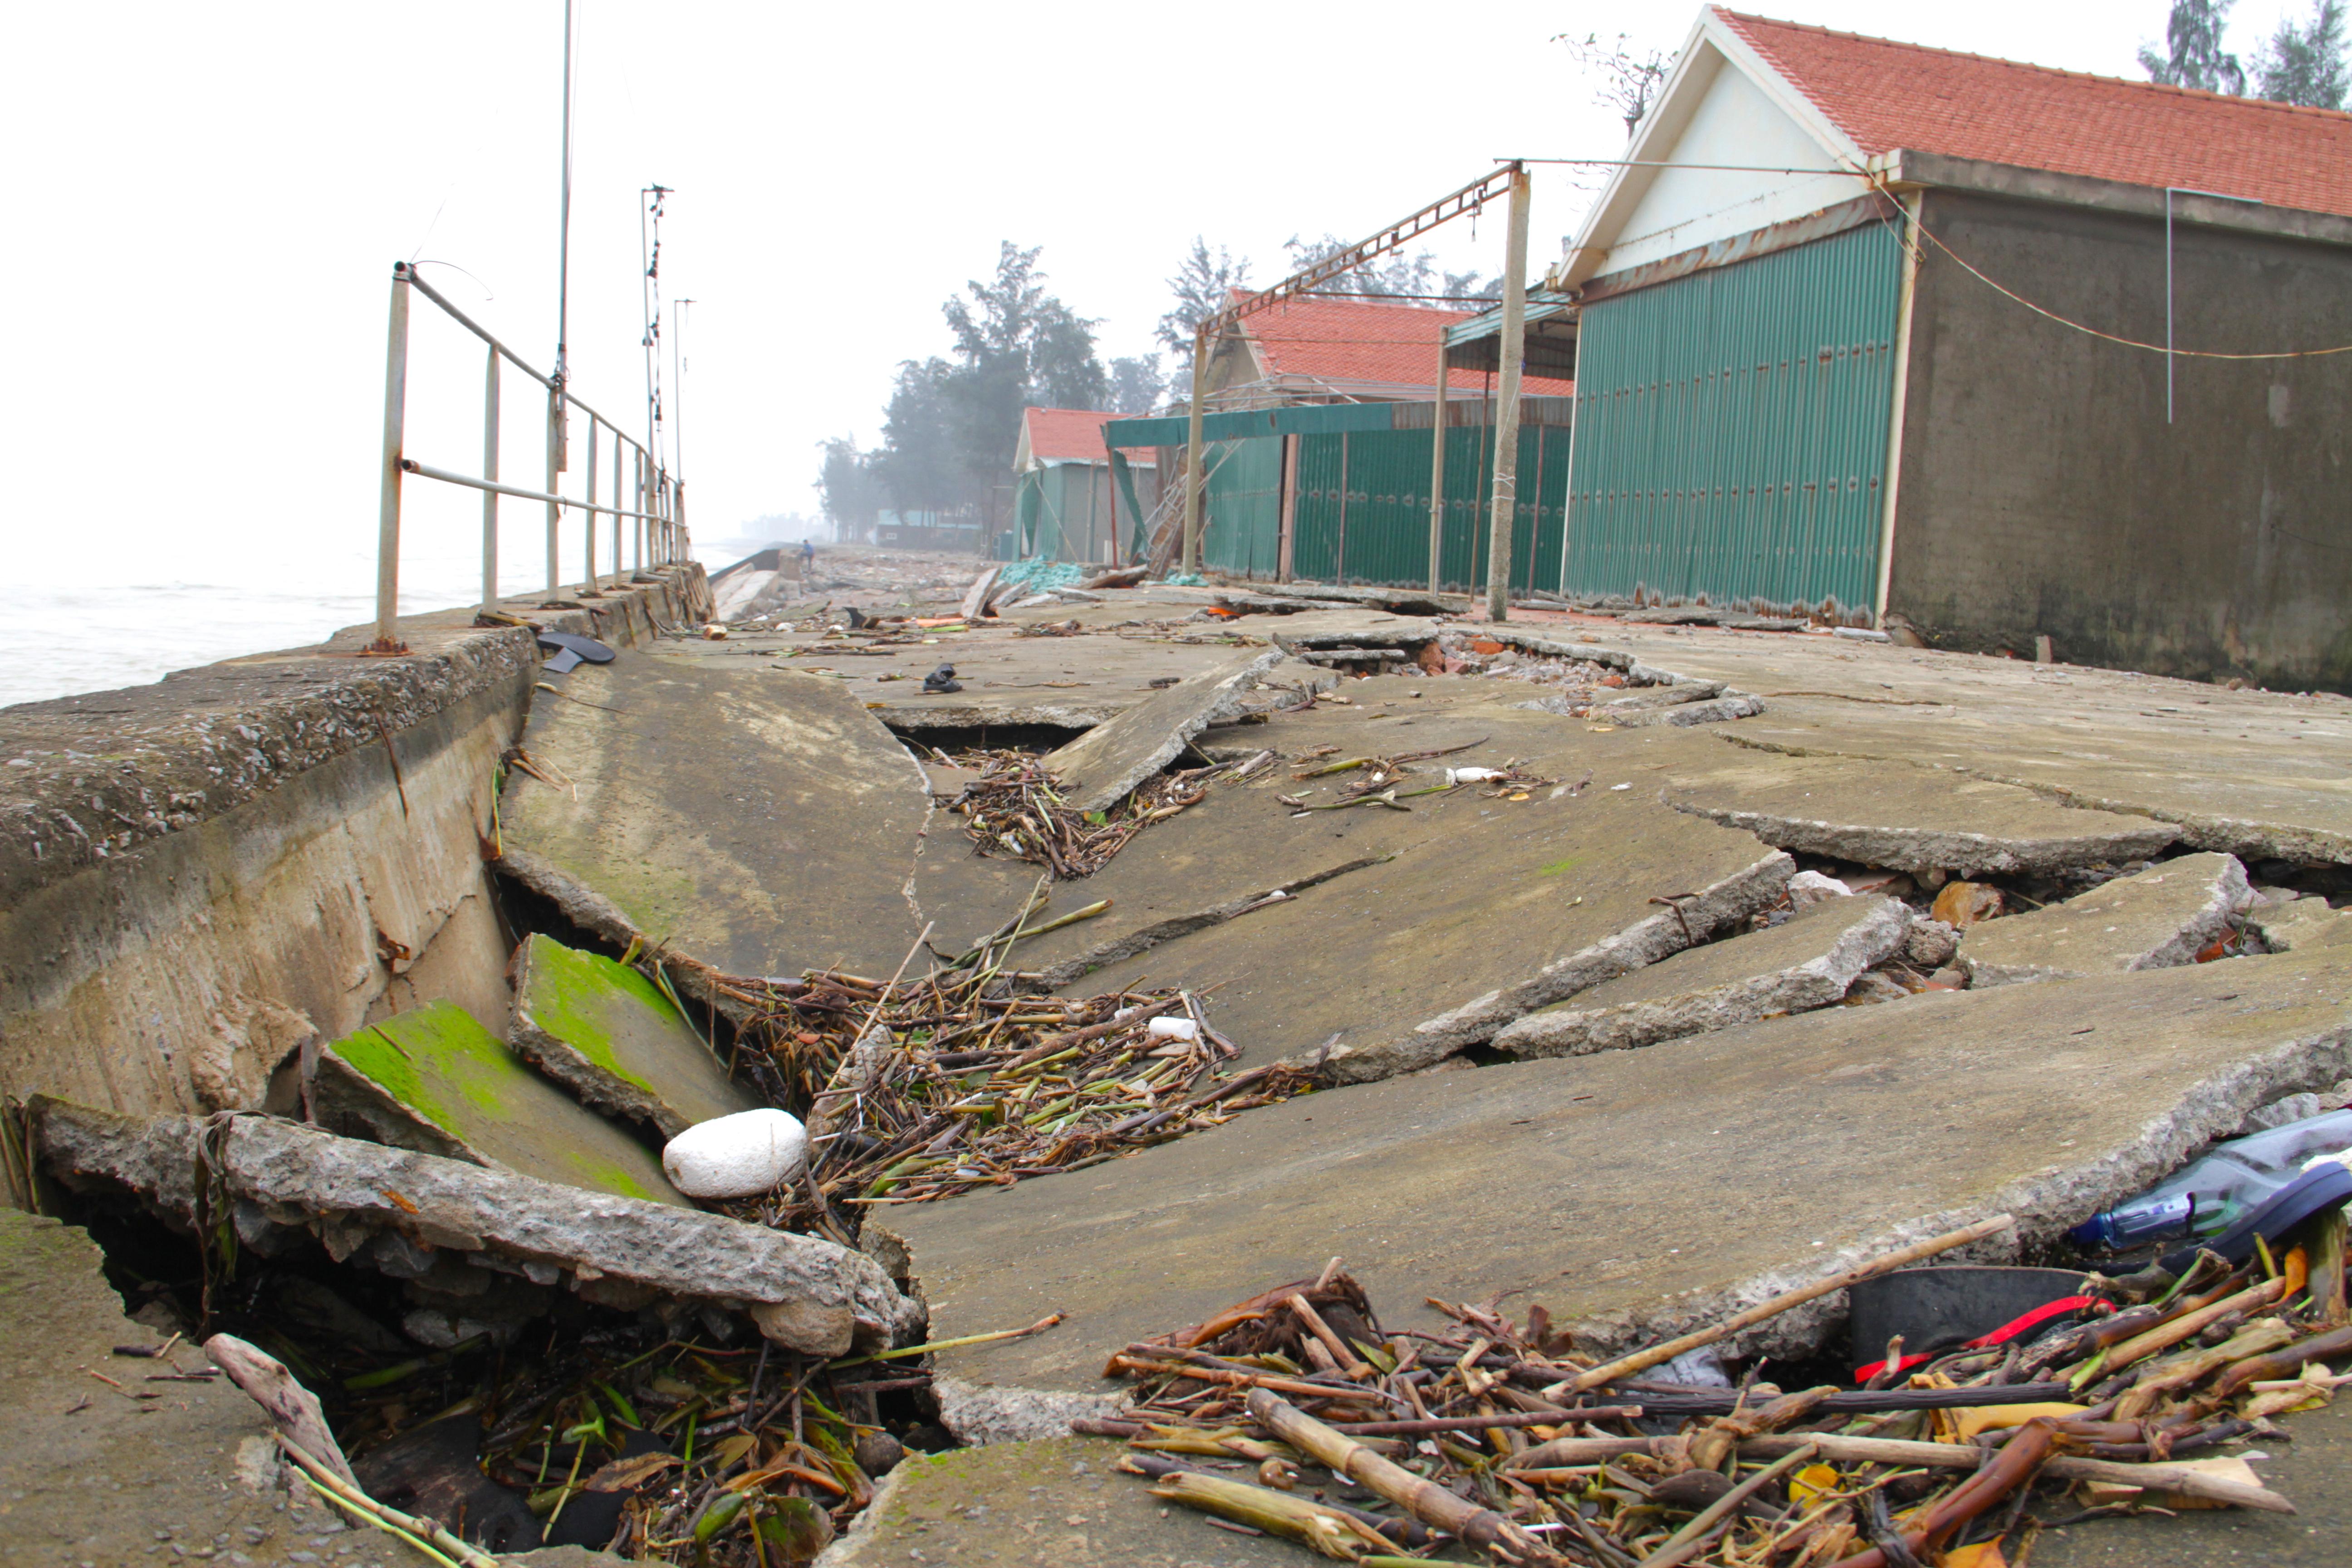 Cận cảnh gần 4km tuyến kè, đê biển Cửa Lò tan hoang sau bão lũ, hàng quán điêu đứng - Ảnh 10.